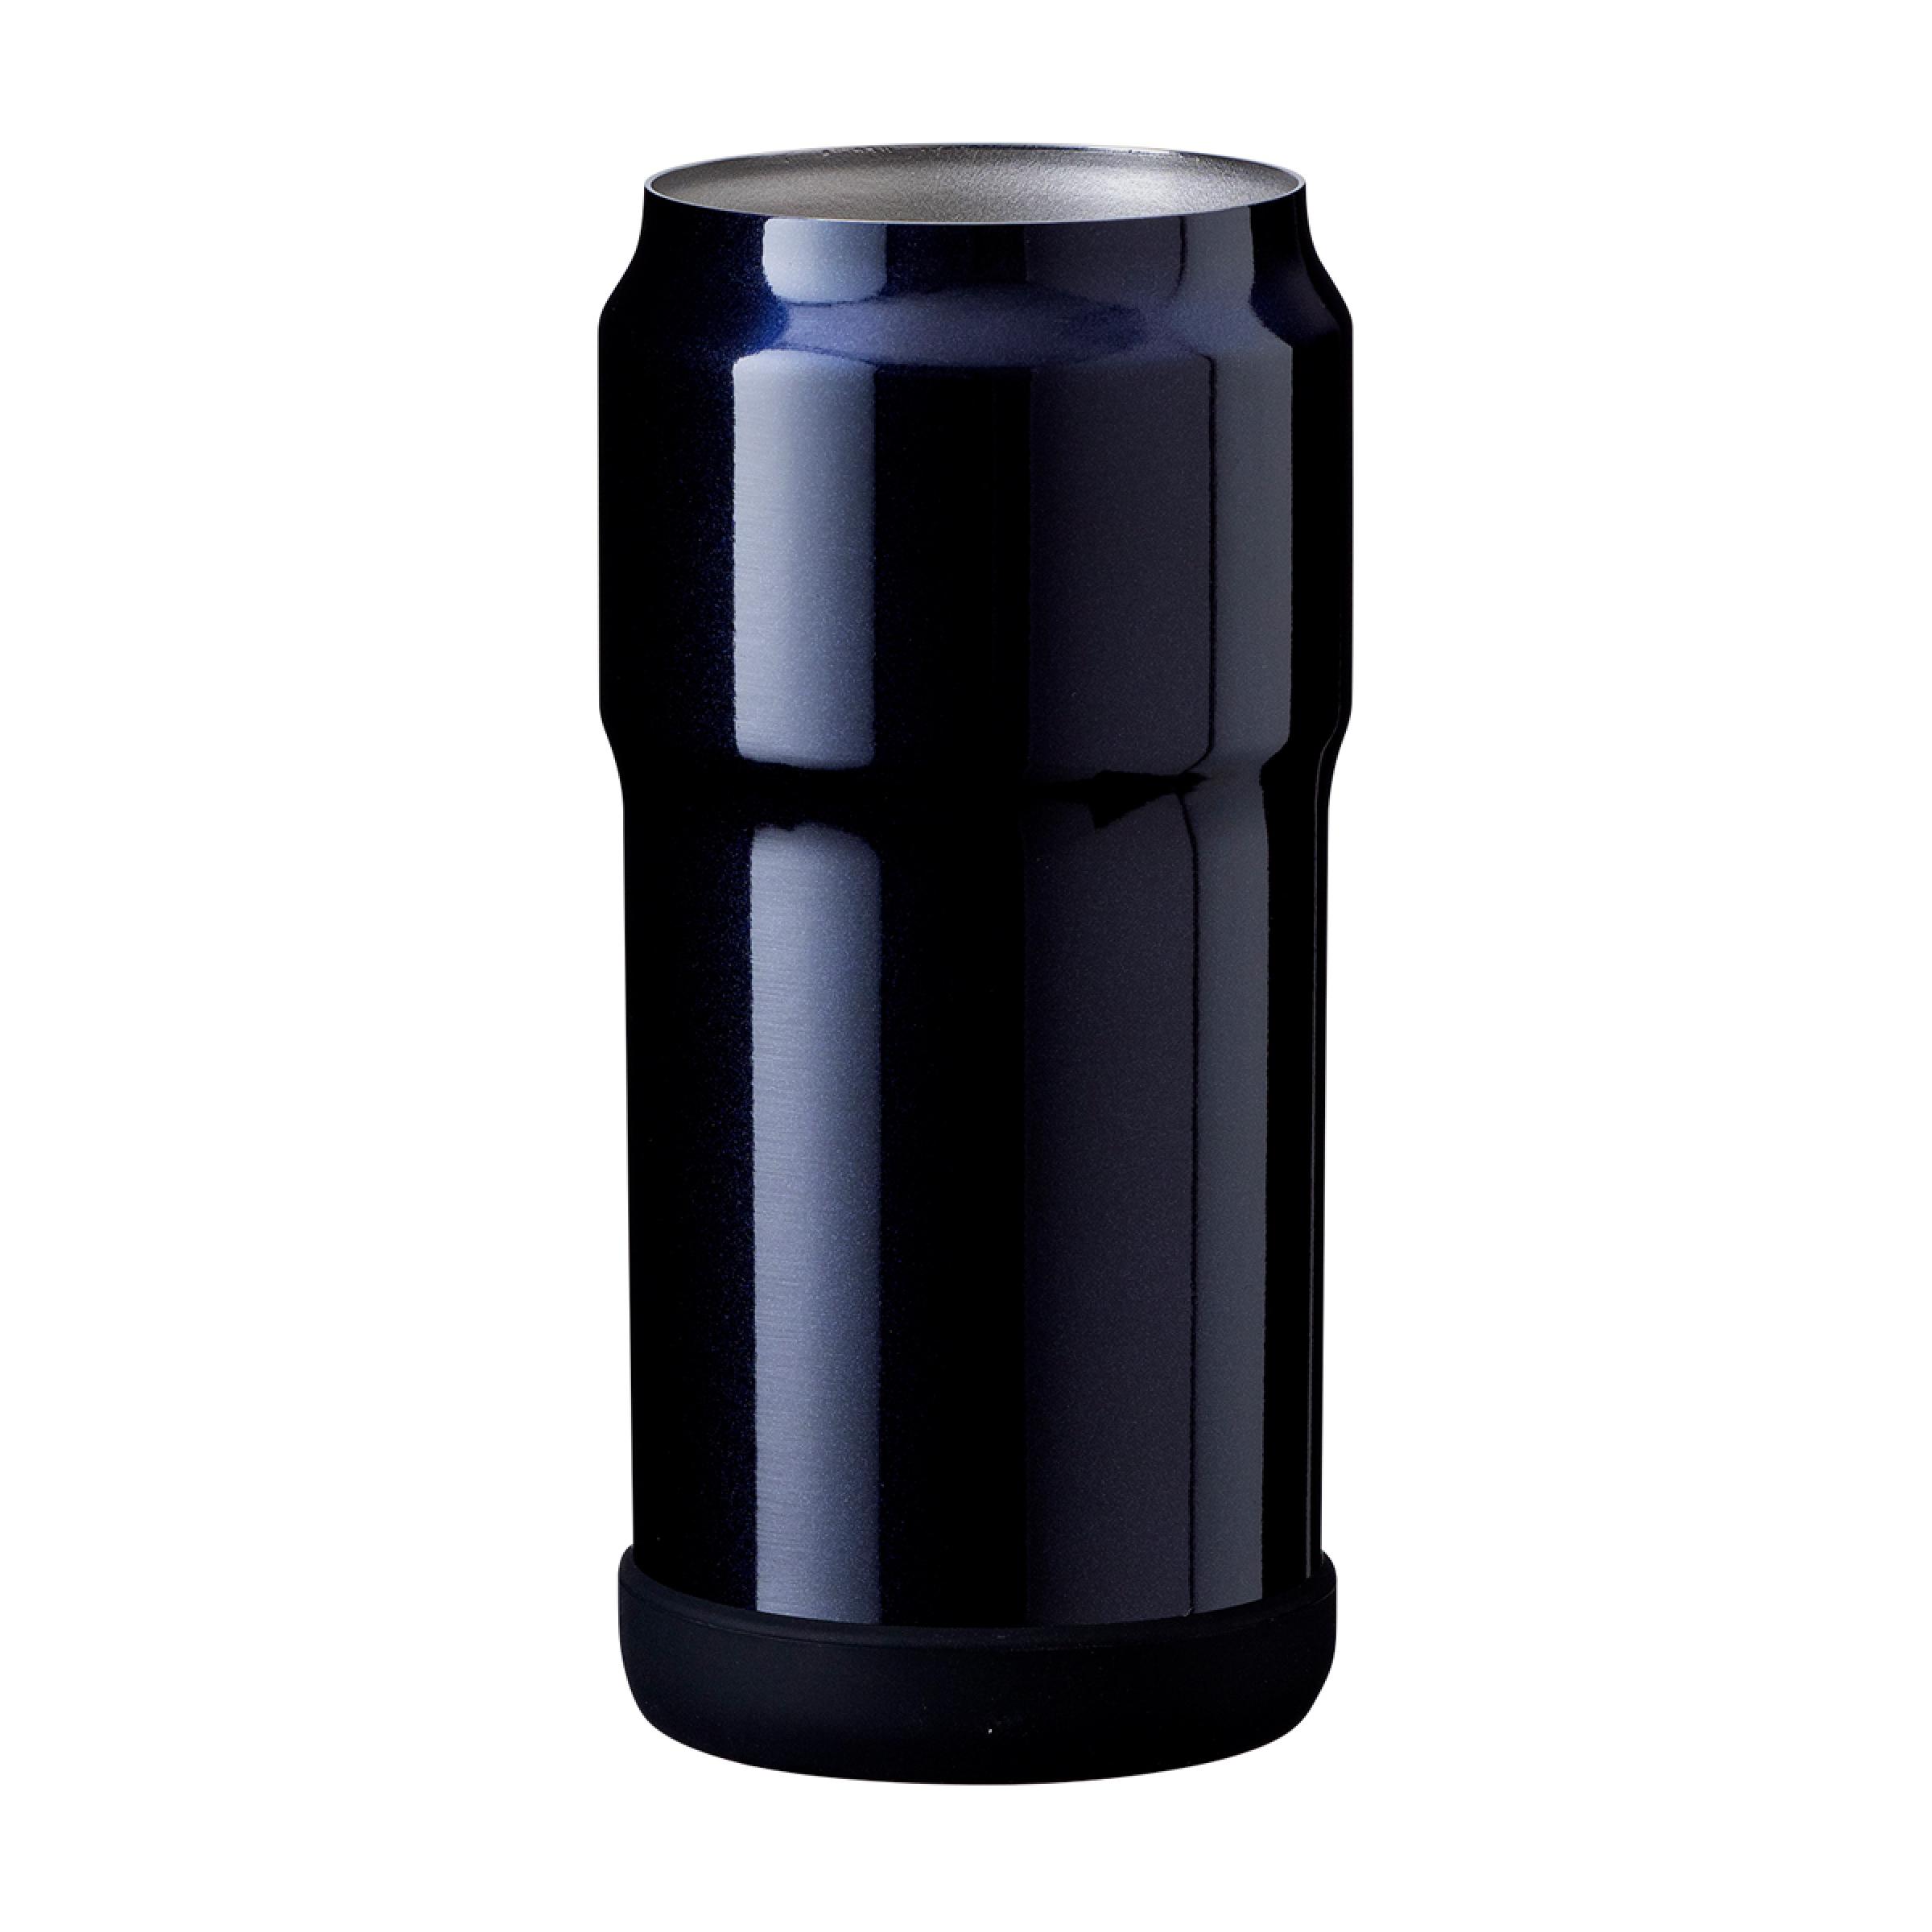 Wens 缶ホルダー 500ml ネイビー